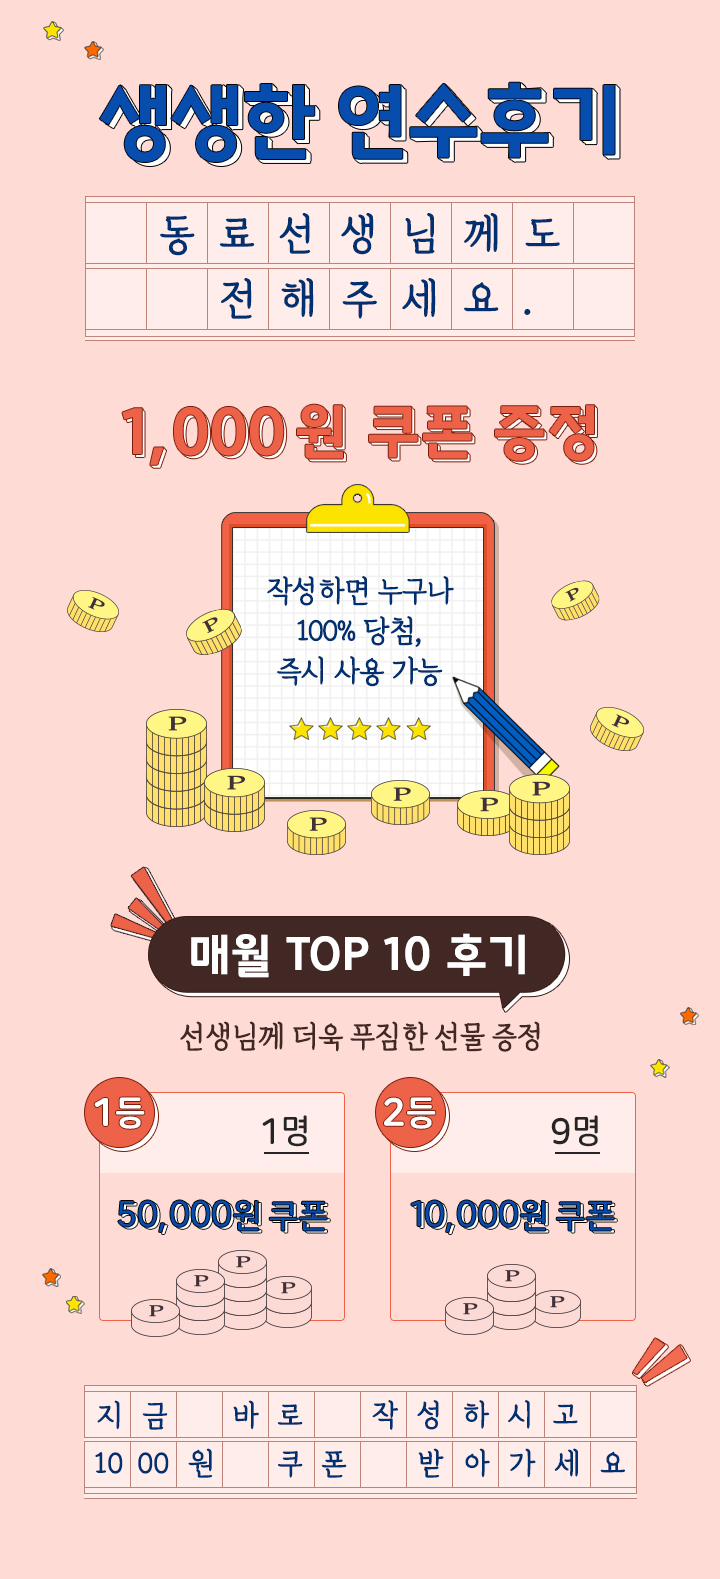 2017 연수플러스회원 대상 더블 이벤트